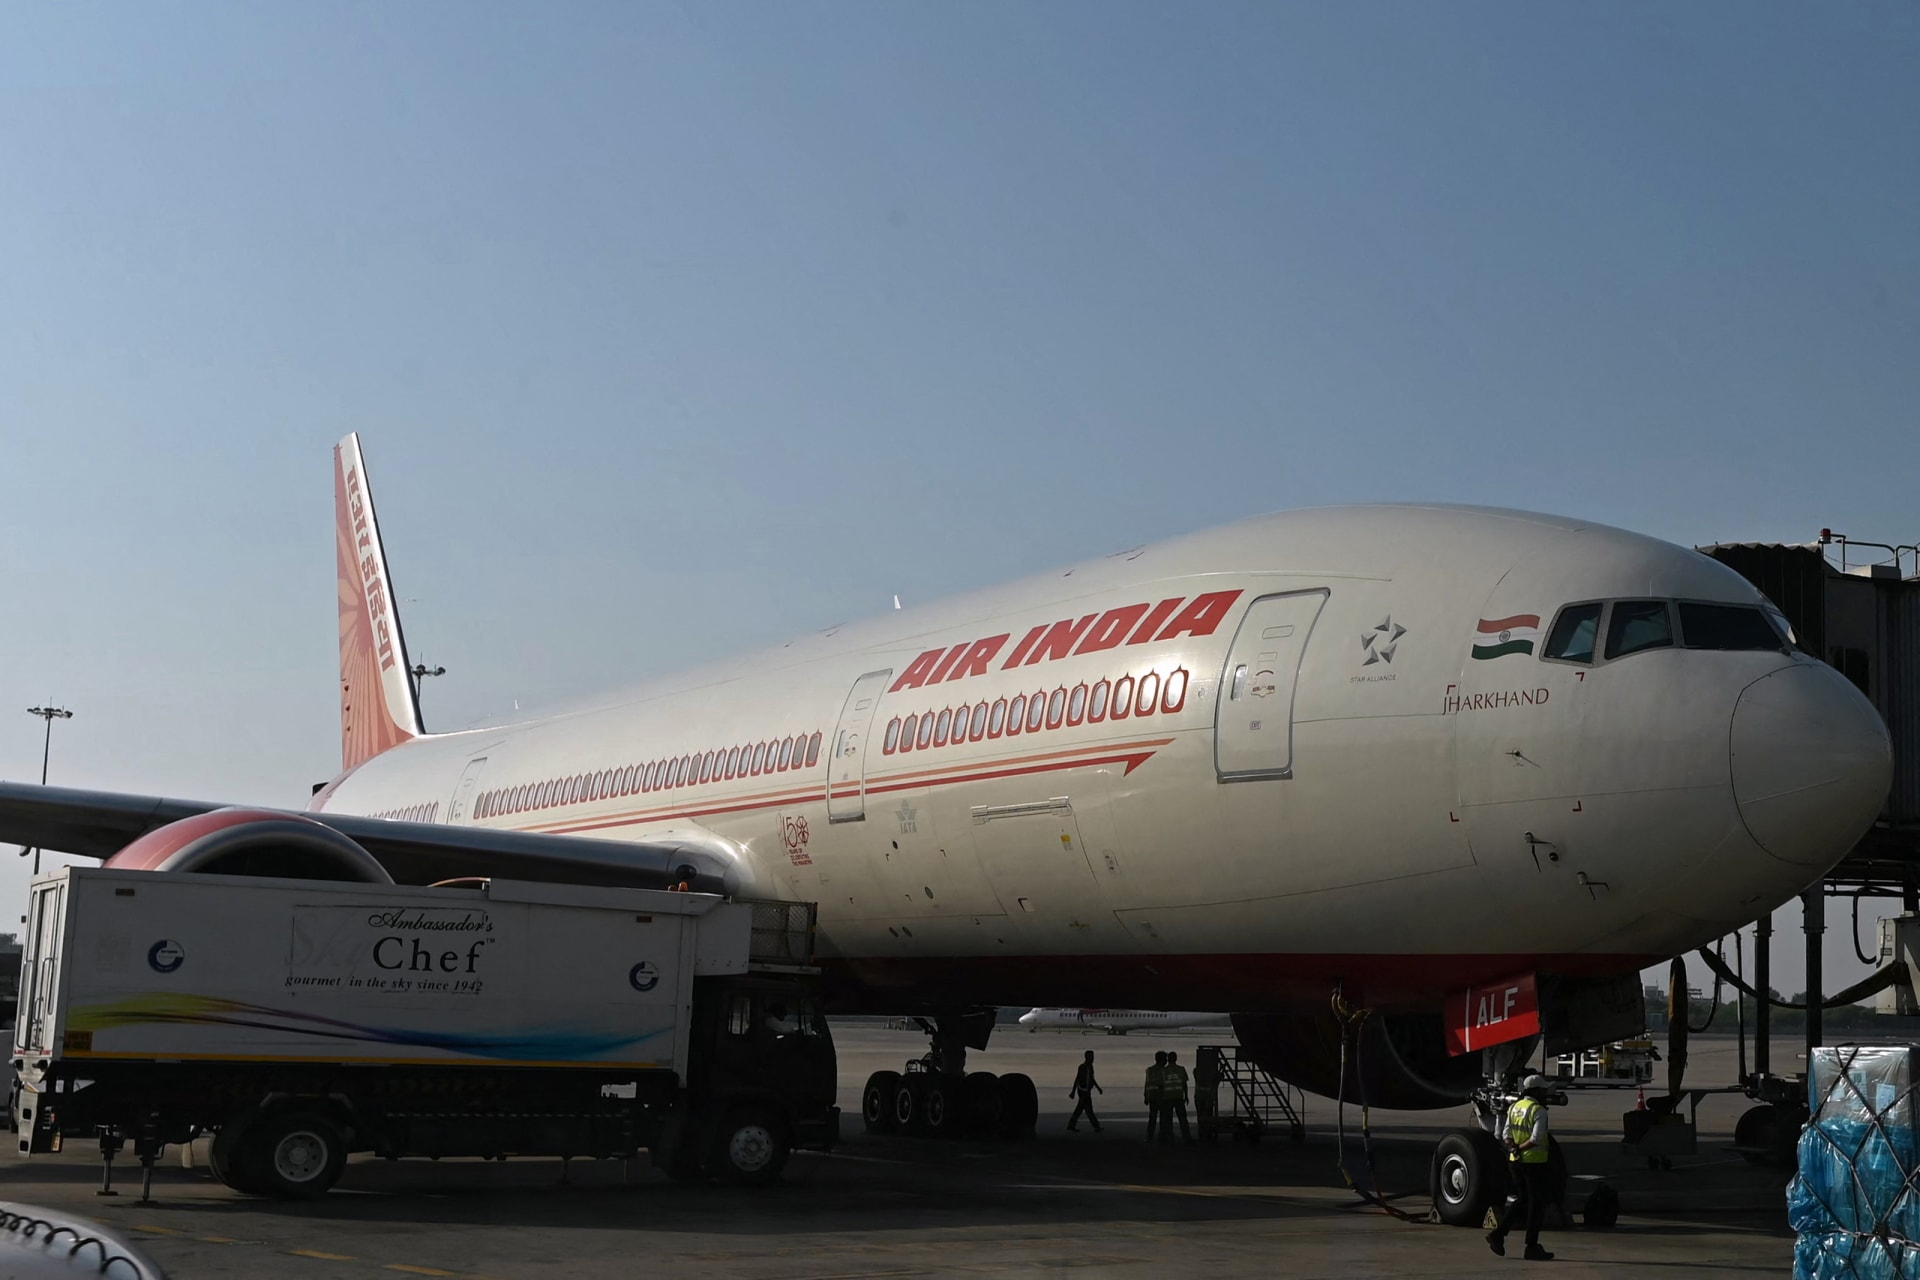 طائرة تابعة لشركة طيران الهند على مدرج مطار أنديرا غاندي الدولي في نيودلهي في 8 أكتوبر 2021